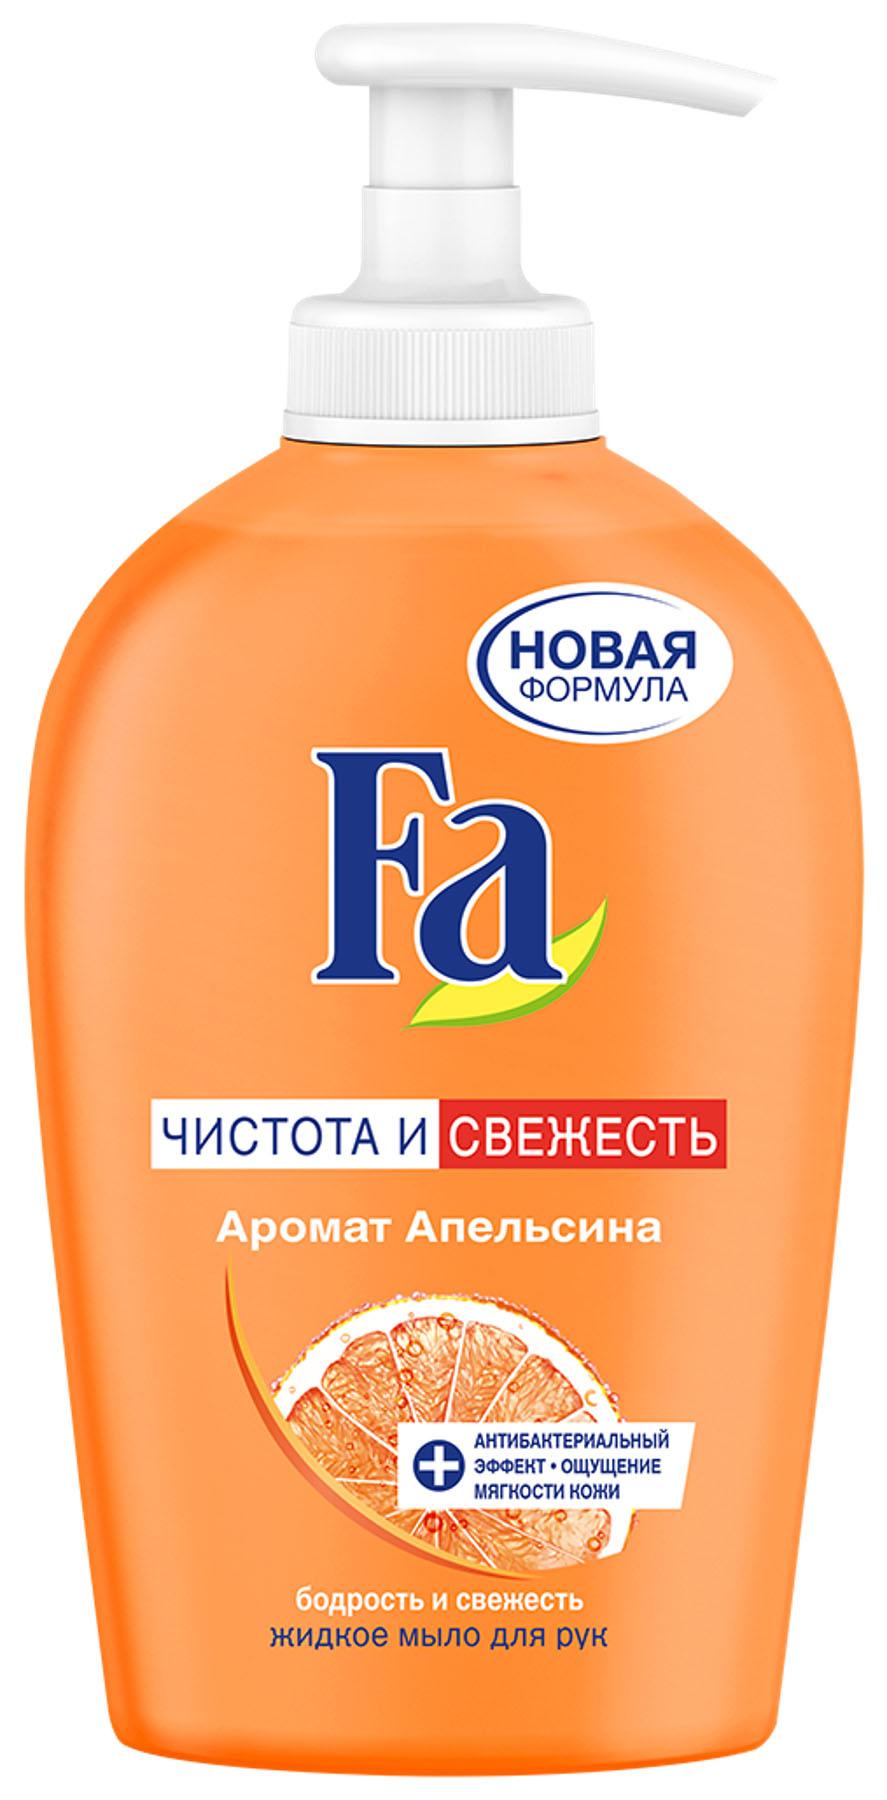 Fa Жидкое мыло Чистота и Уход Аромат Цитруса Апельсин, гейпфрут, 250 мл2047681Откройте для себя ощущение свежести кожи с антибактериальным эффектом до 4х часов. Формула, обогащенная молочными протеинами, очищает руки и не сушит кожу. Мыло помогает устранить бактерии с кожи рук и дарит свежий аромат грейпфрута. • Ощущение свежести и мягкости кожи • pH нейтральный • Хорошая переносимость кожей • Протестировано дерматологами